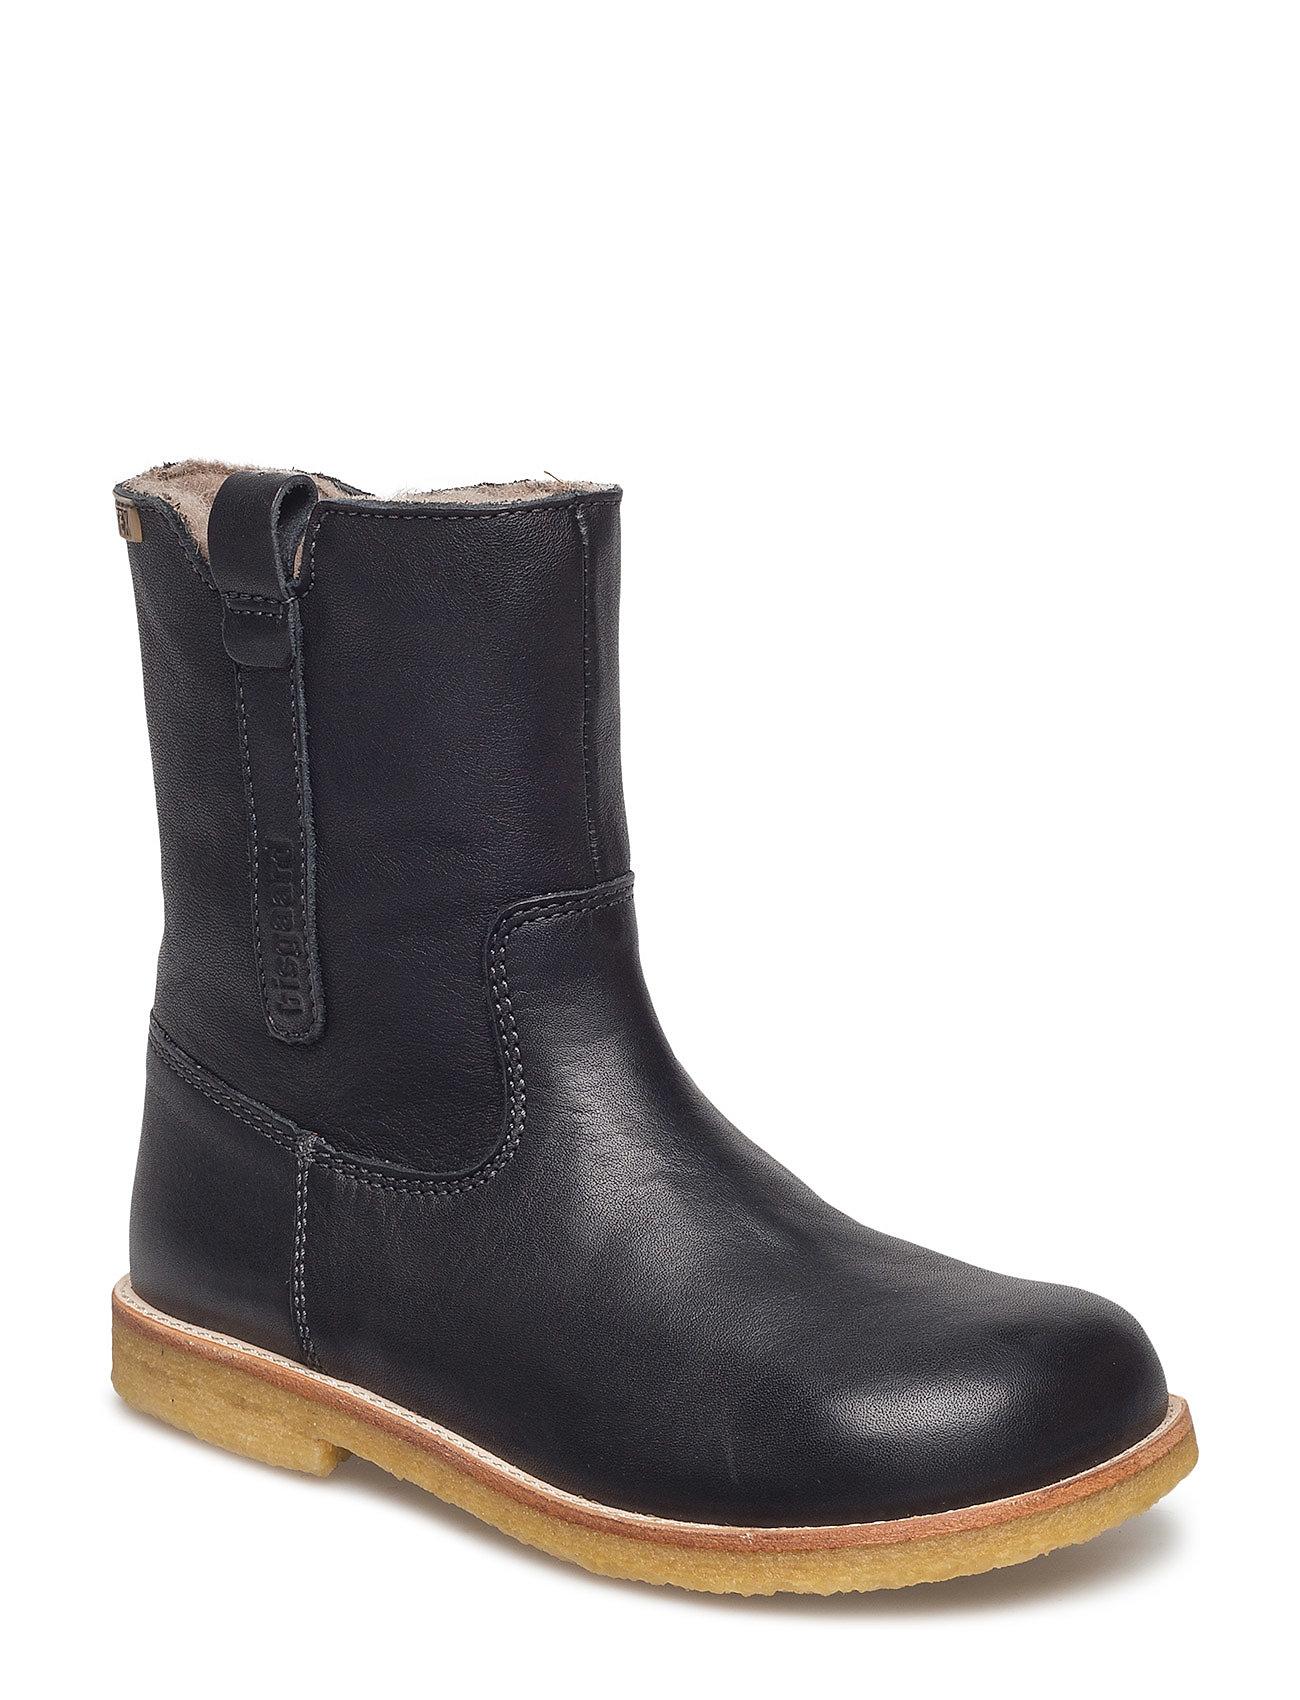 Image of Tex Boot Vinterstøvler Sort BISGAARD (3067494057)